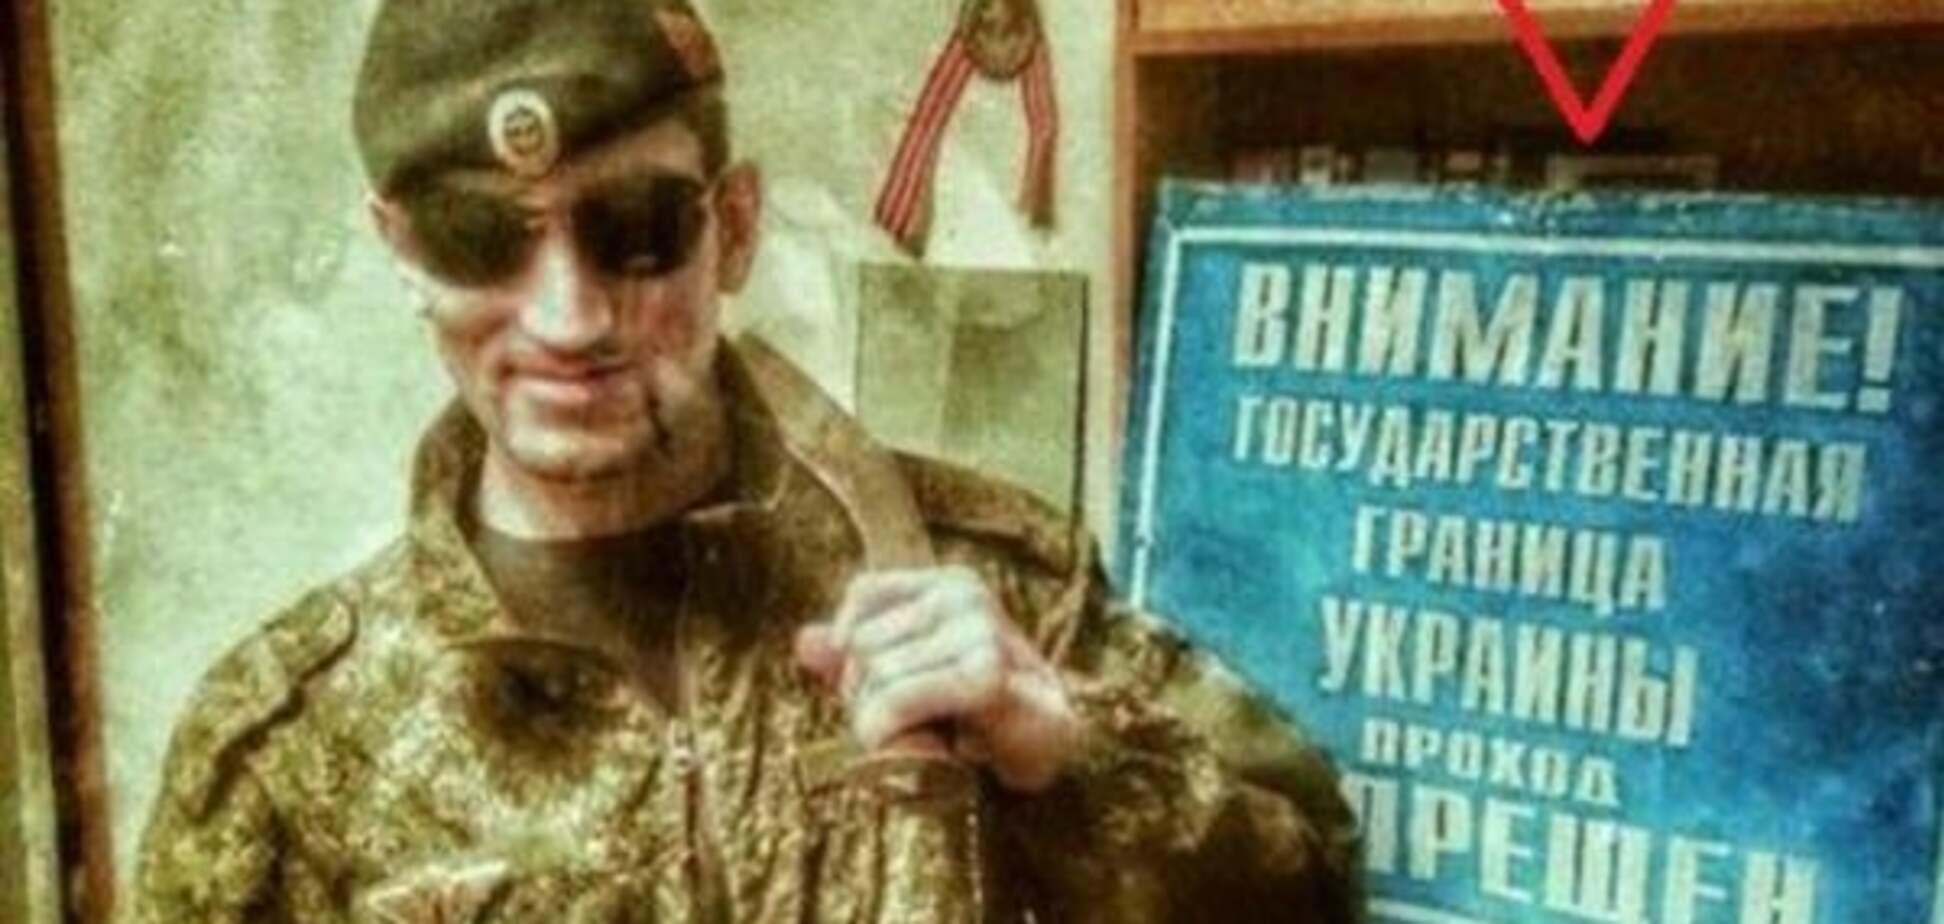 Опубликован топ-15 'придурков-селферов', рассказавших о вторжении России на Донбасс